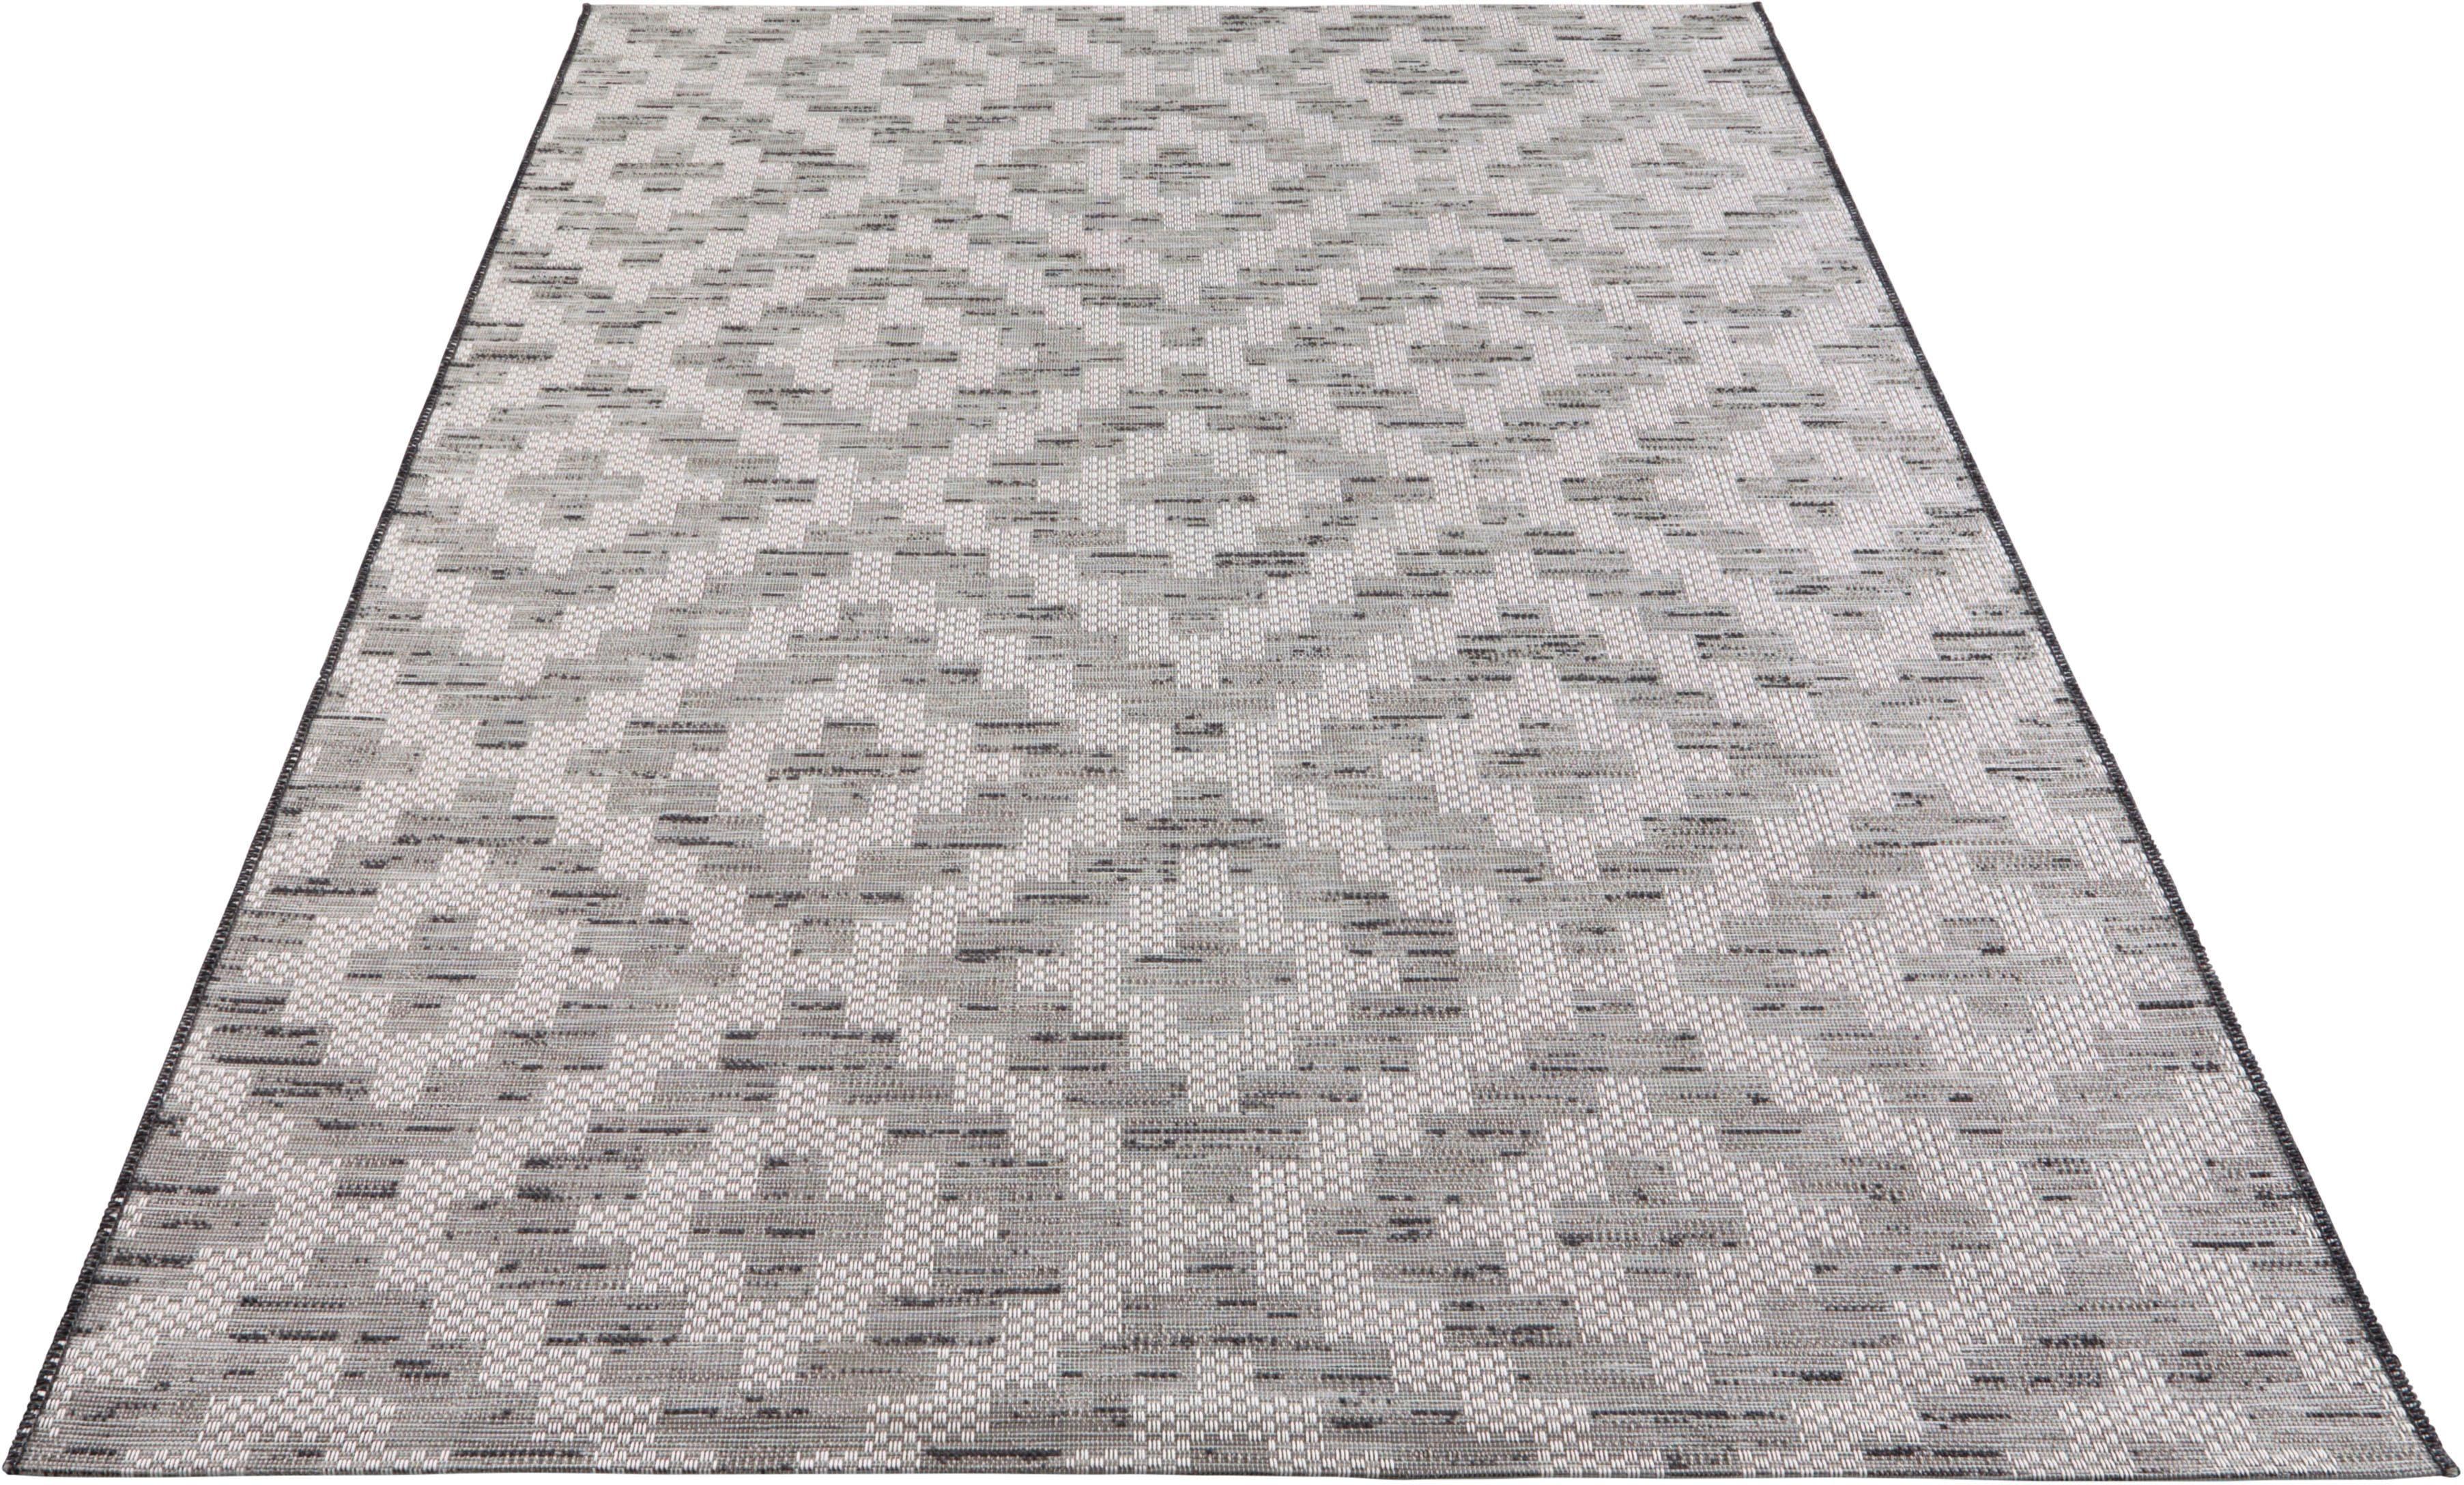 Teppich Creil ELLE Decor rechteckig Höhe 3 mm maschinell gewebt